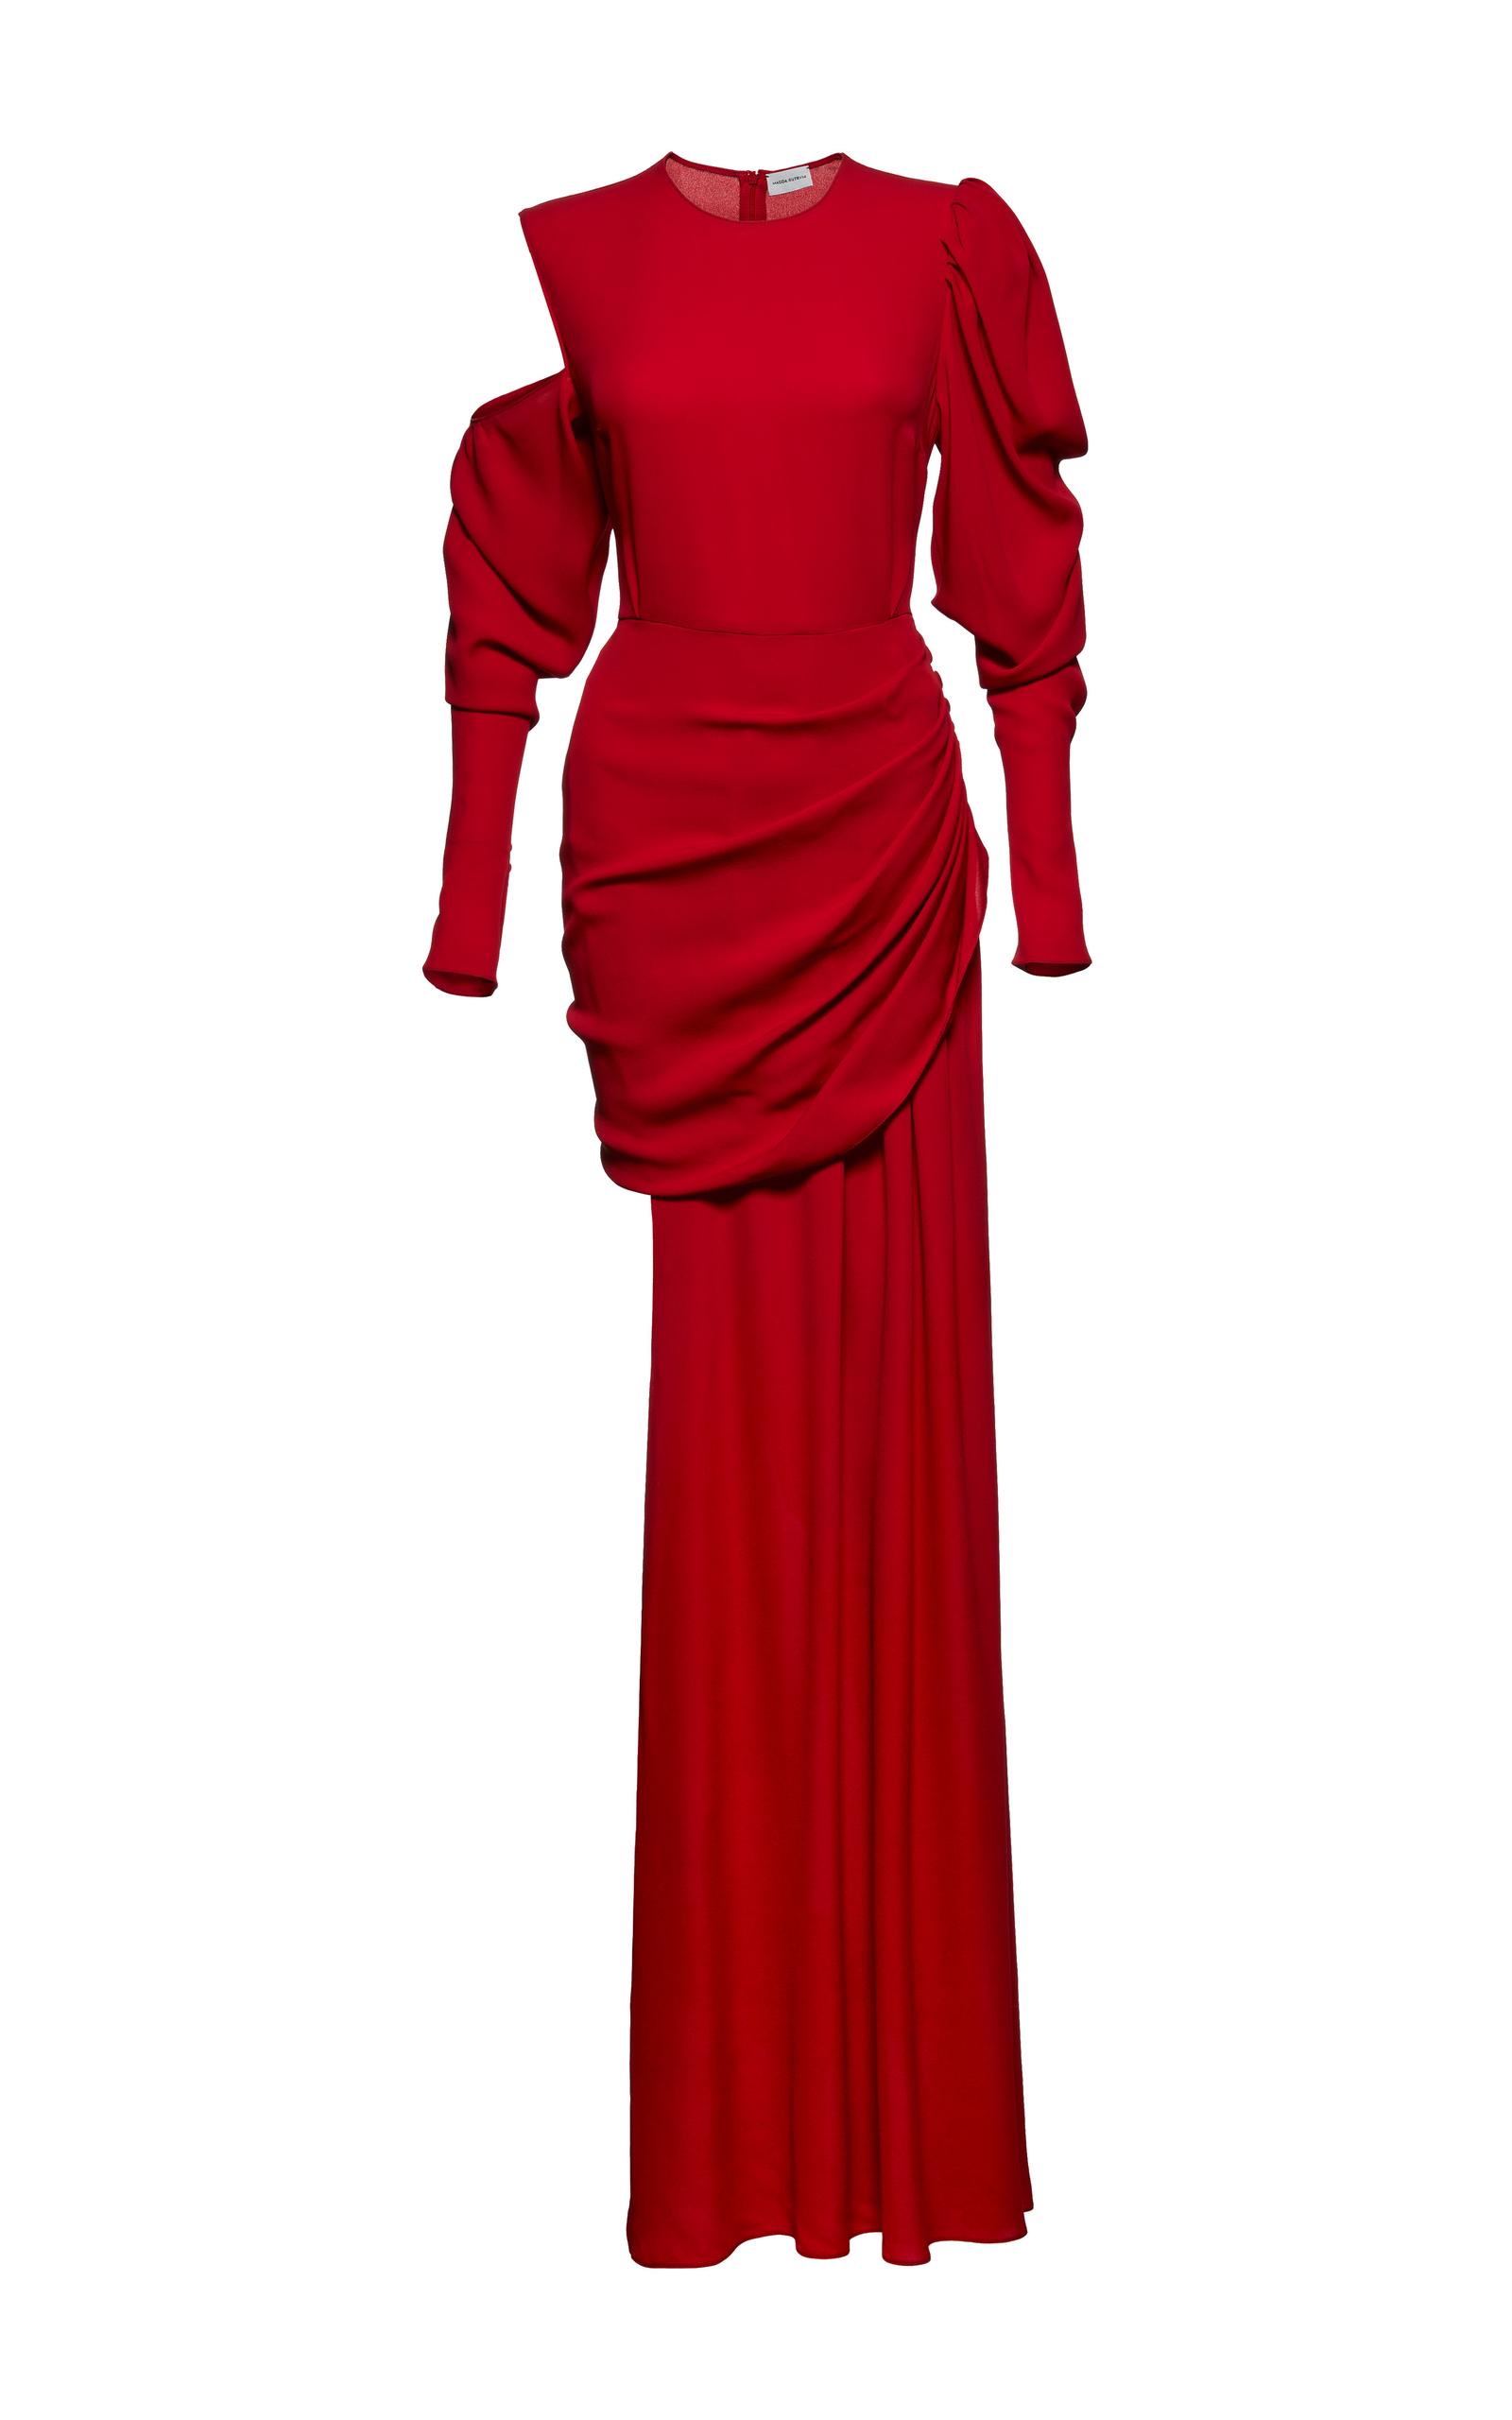 By Moda Sevilla Magda Dress Operandi Butrym OgqUCw